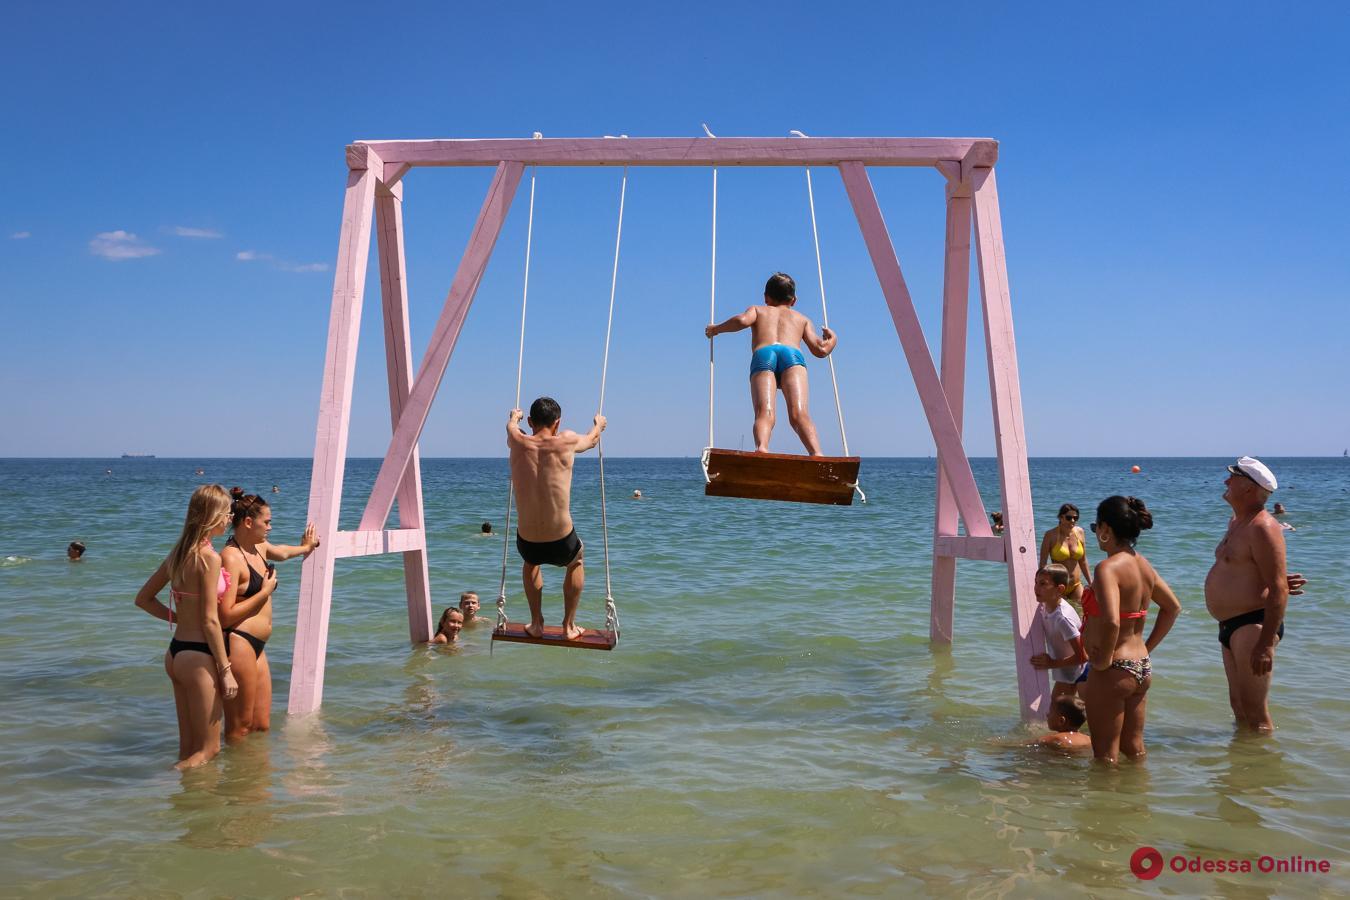 Одесса: в море на пляже установили большие розовые качели